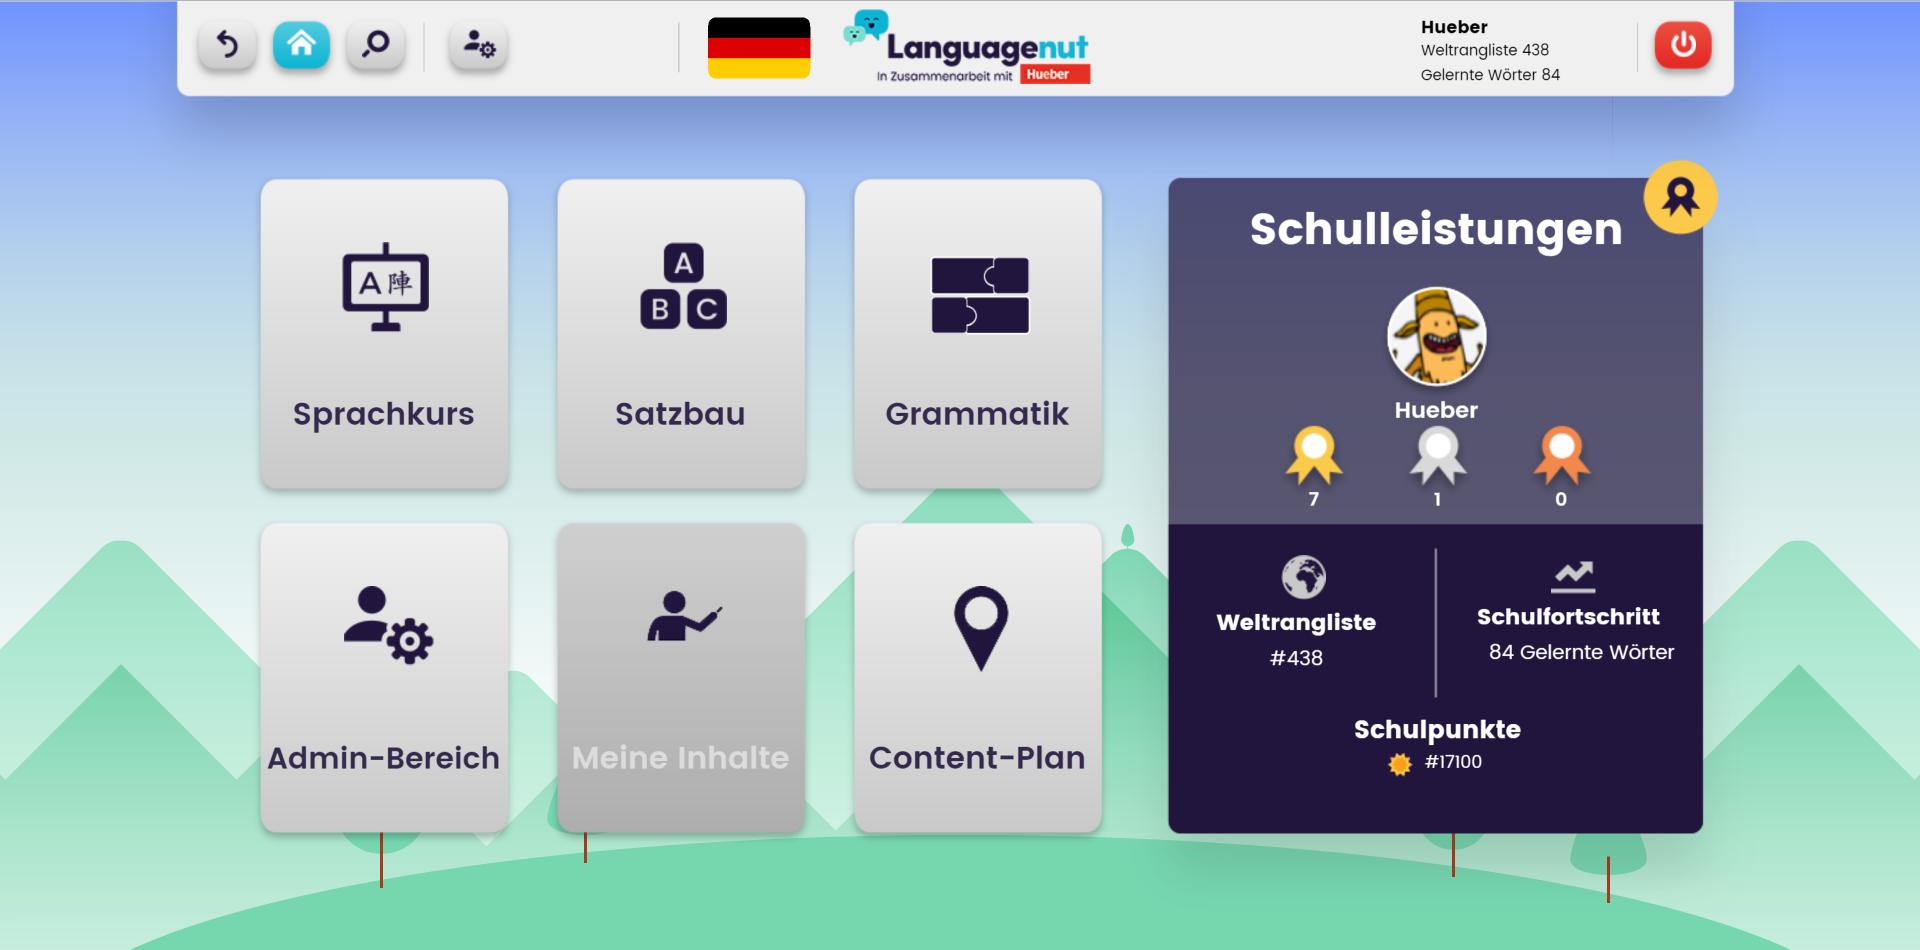 Schritte plus Neu Wortschatz und Grammatik - Übersichtsseite